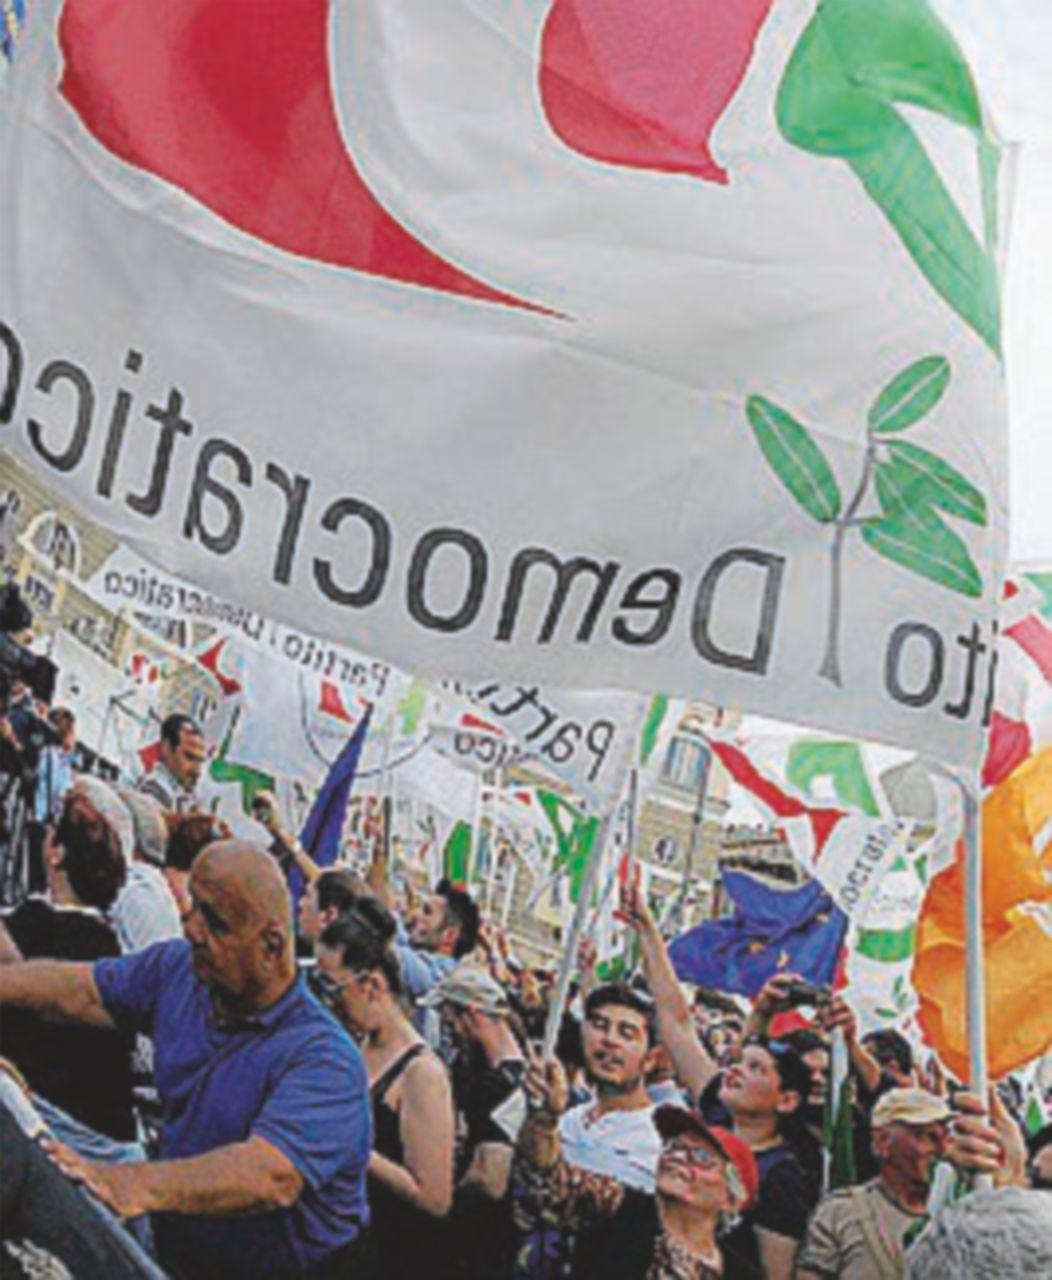 Matteo battezza gli avversari: tutti populisti e rancorosi